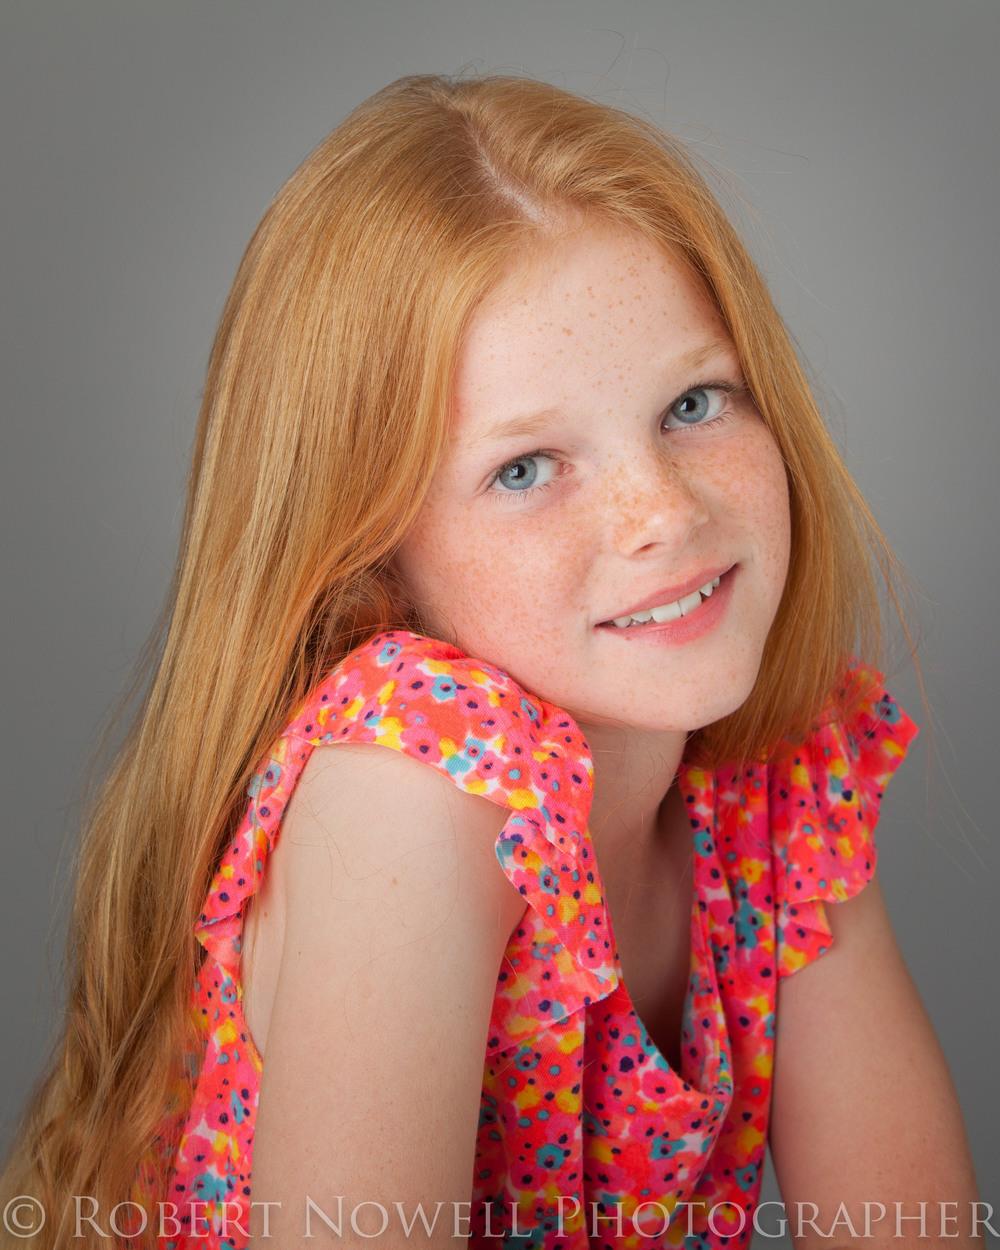 Img: Akira Child Model, Headshots